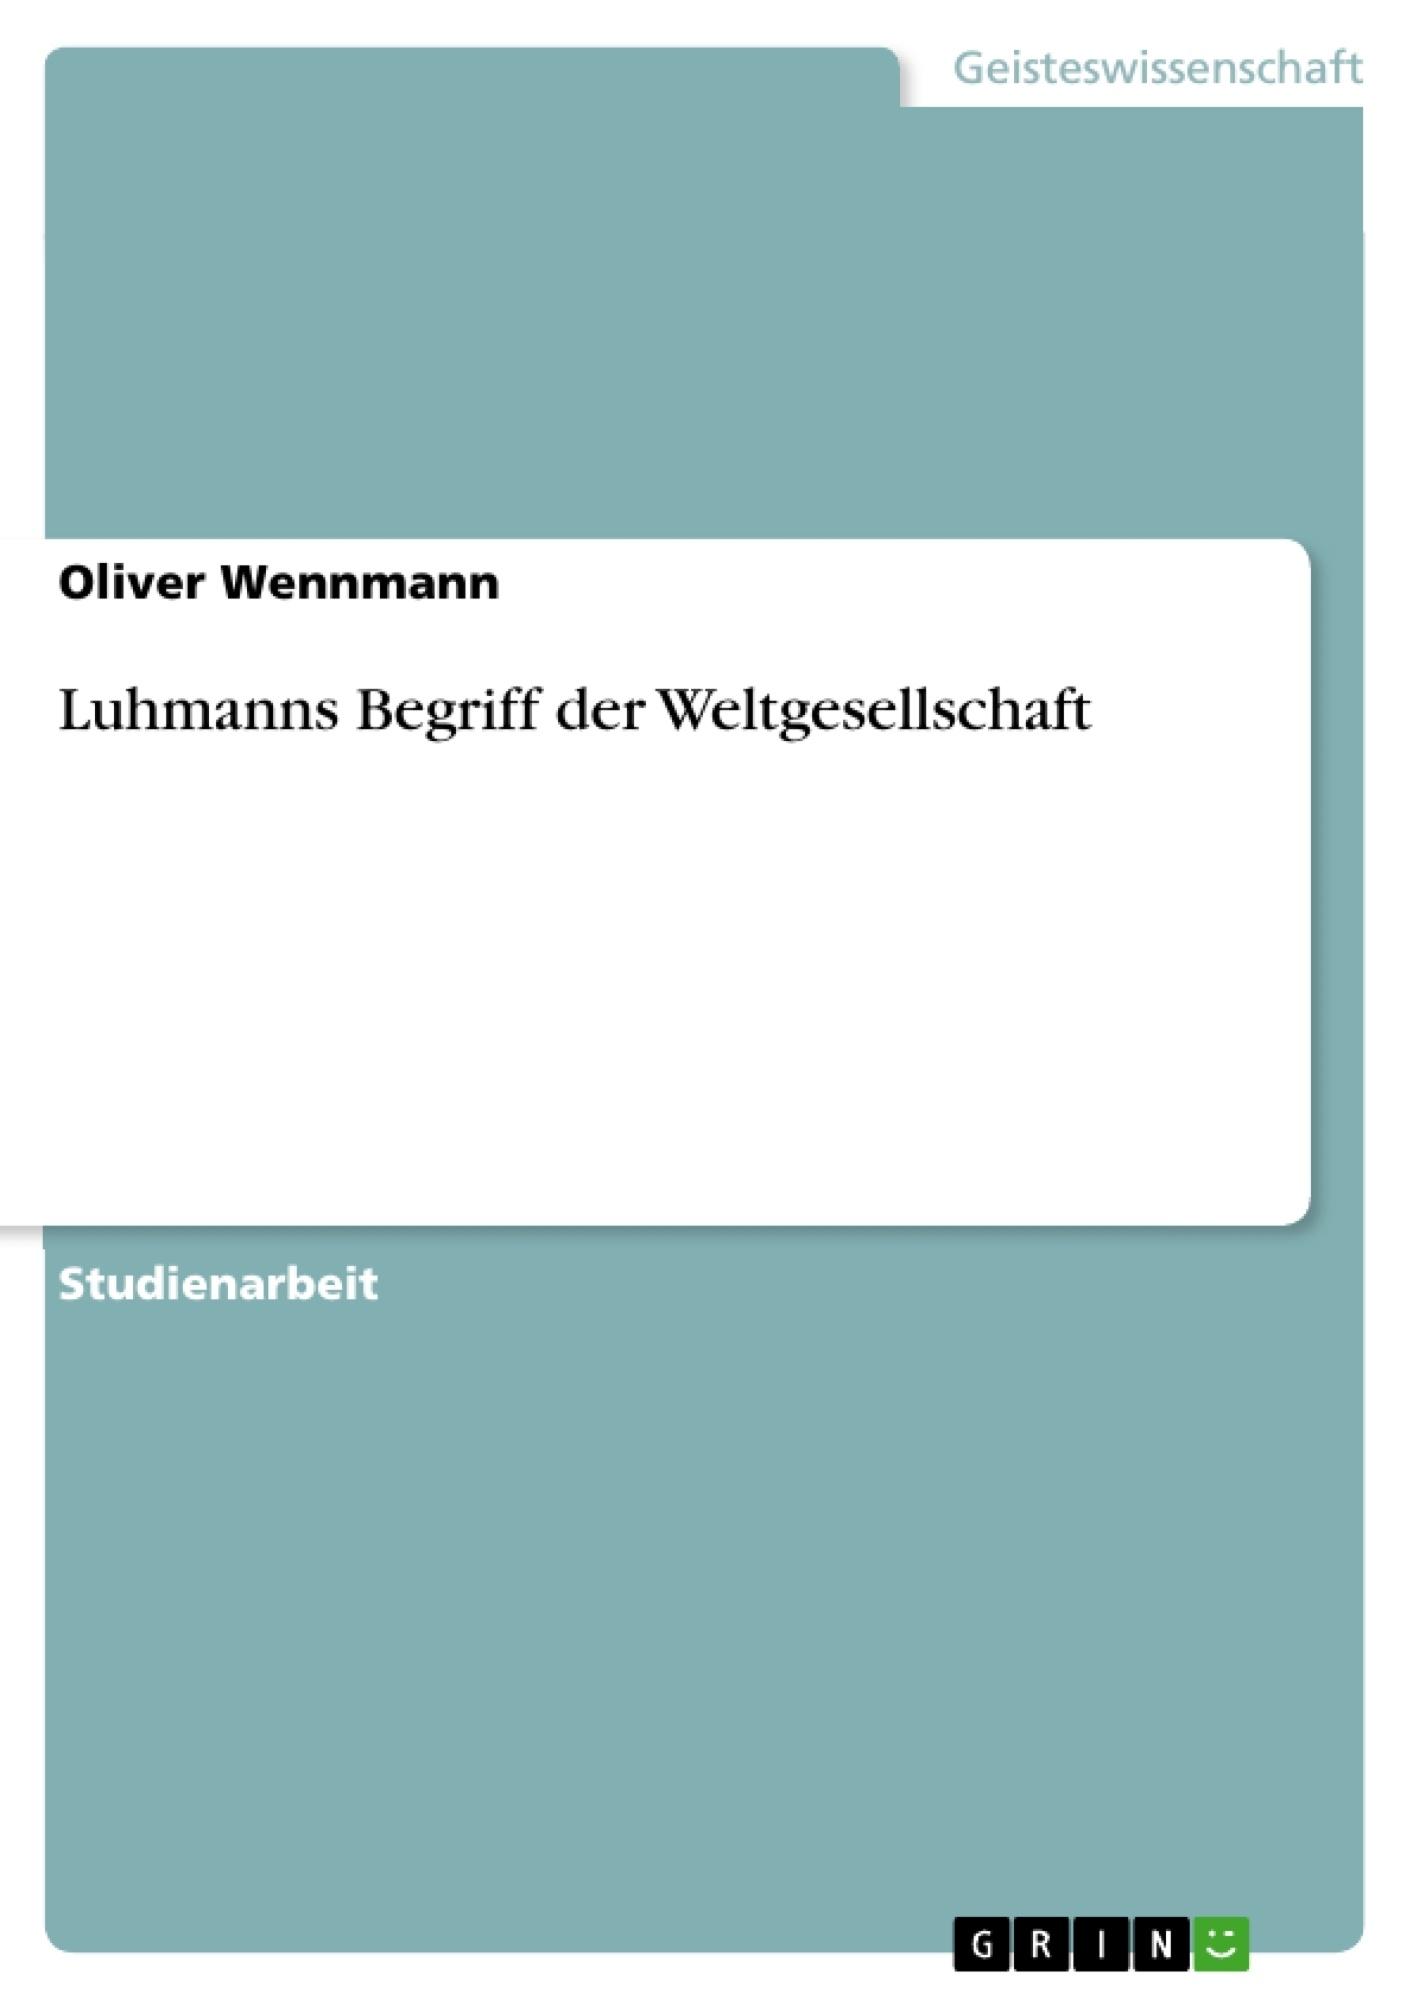 Titel: Luhmanns Begriff der Weltgesellschaft